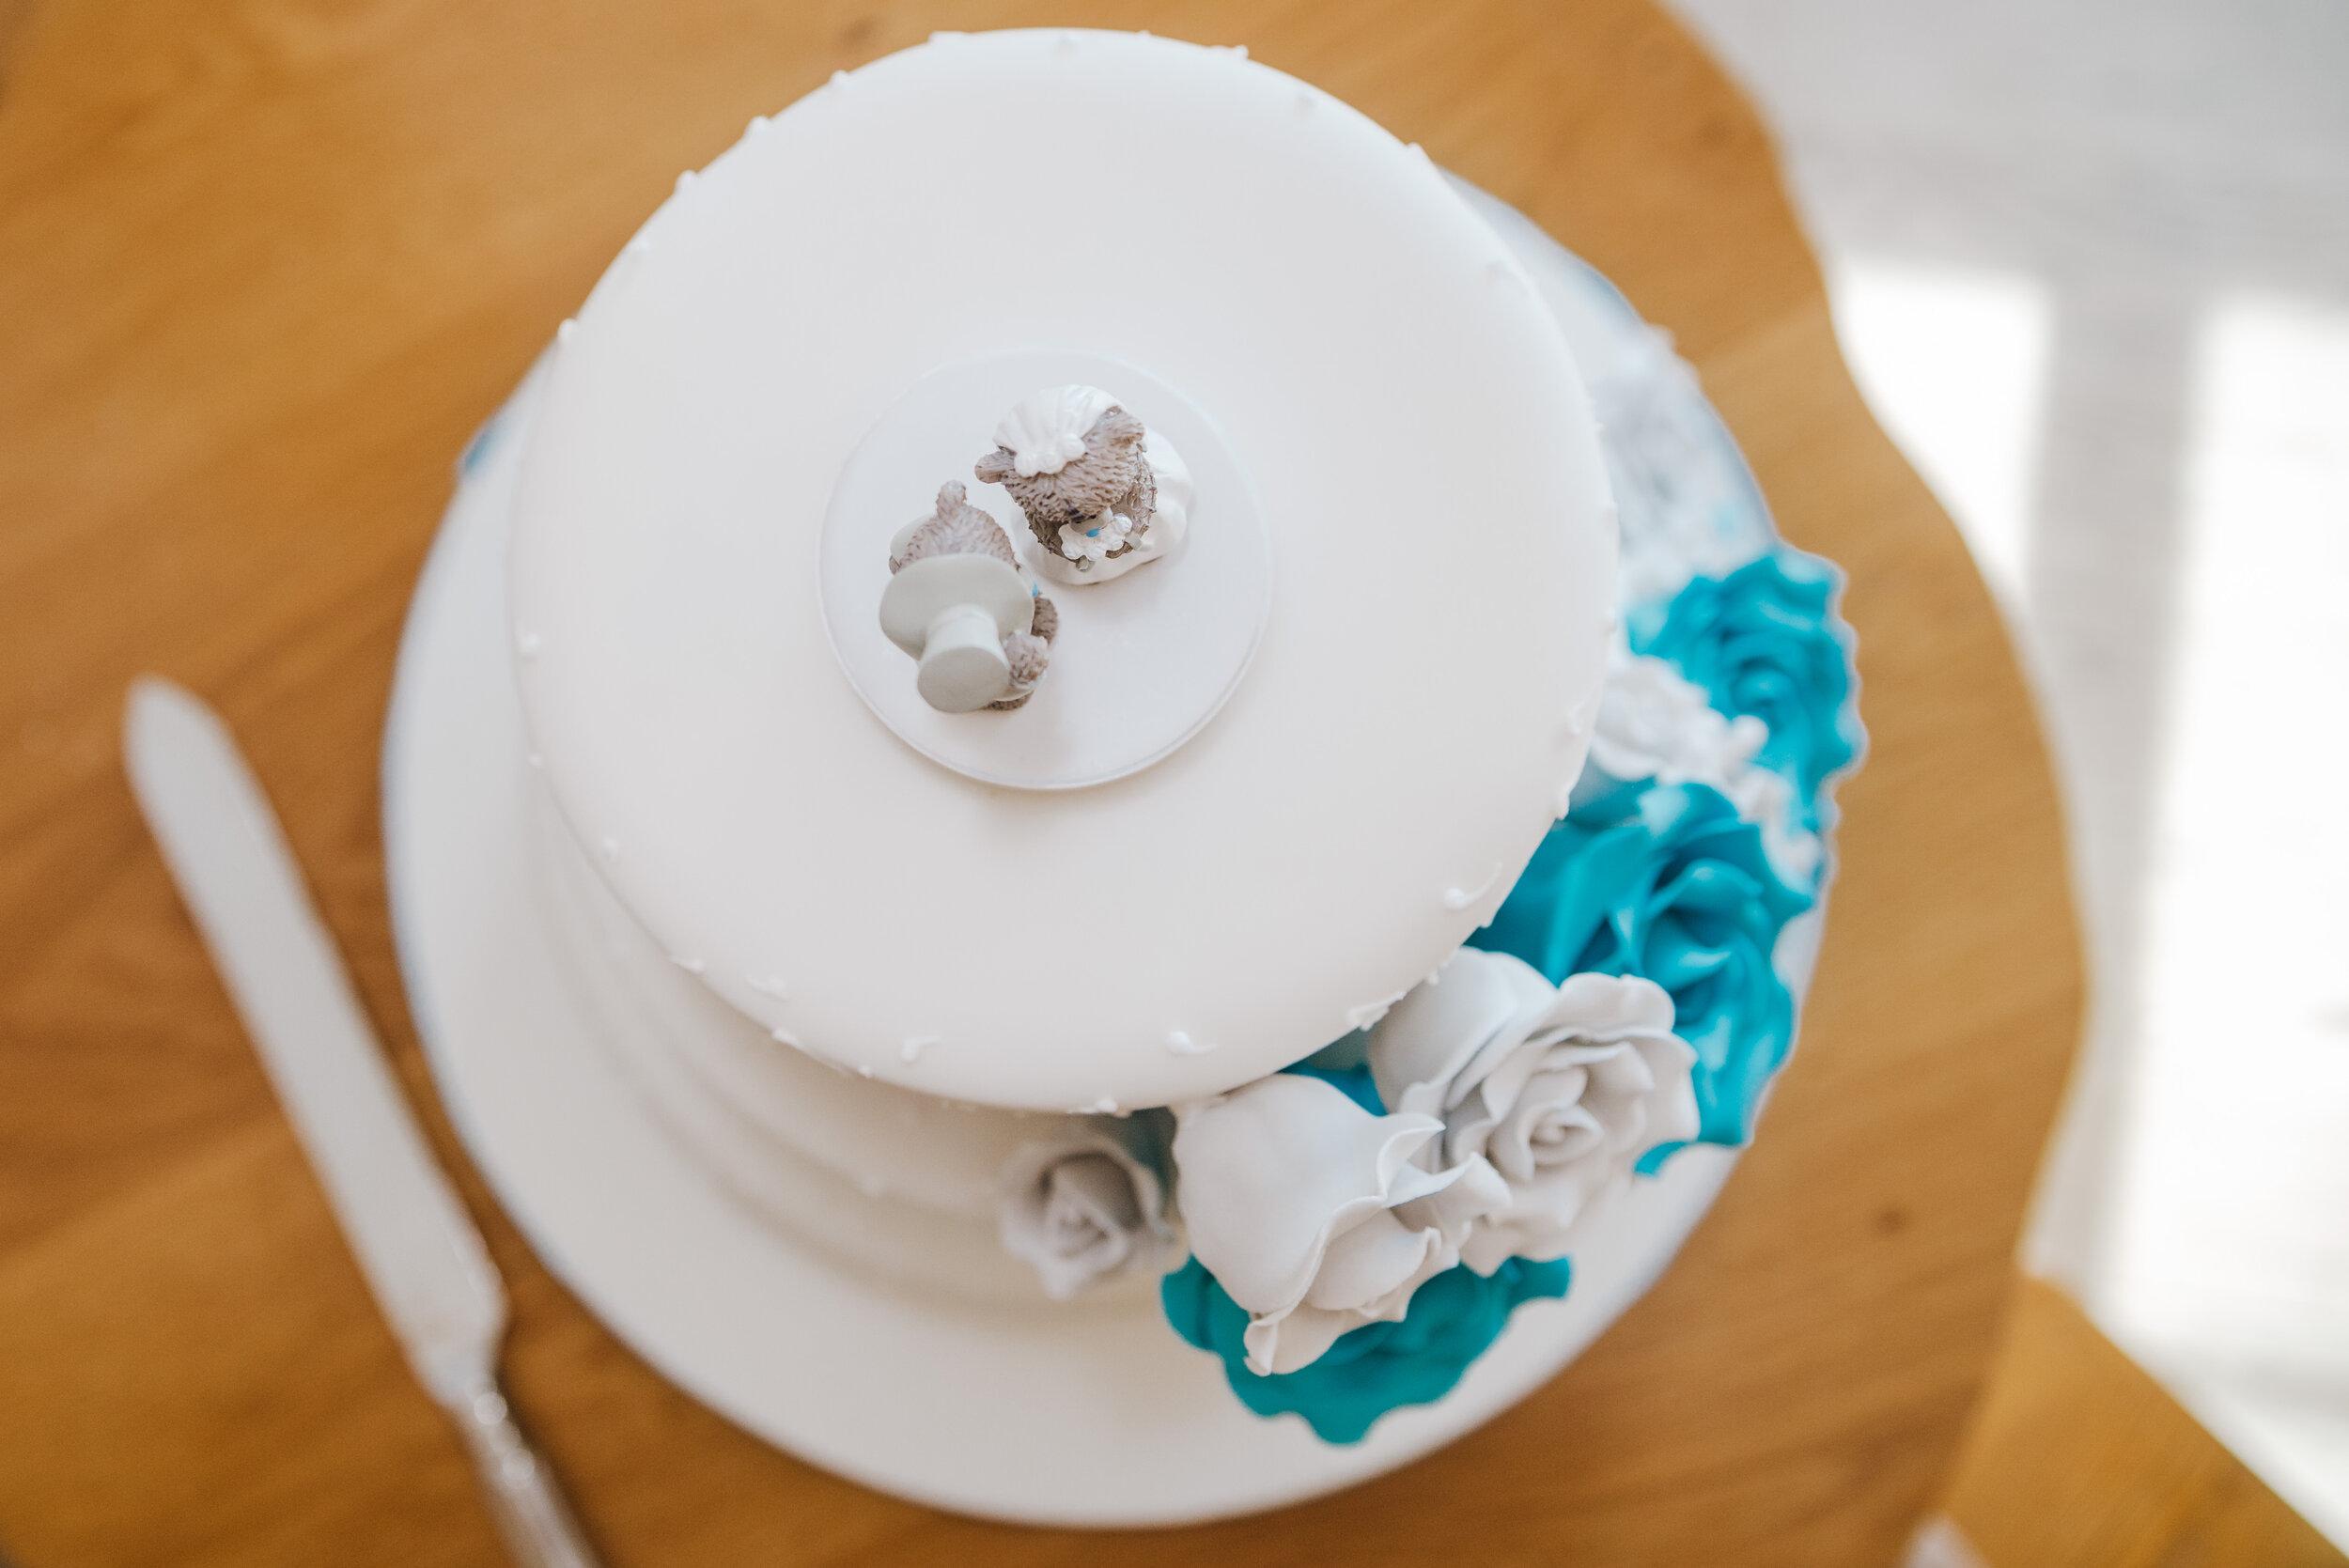 SUFFOLK_WEDDING_PHOTOGRAPHY_ISAACS_WEDDING_VENUE_WEDDINGPHOTOGRAPHERNEARME_iPSWICHWEDDINGPHOTOGRAPHER (74).jpg